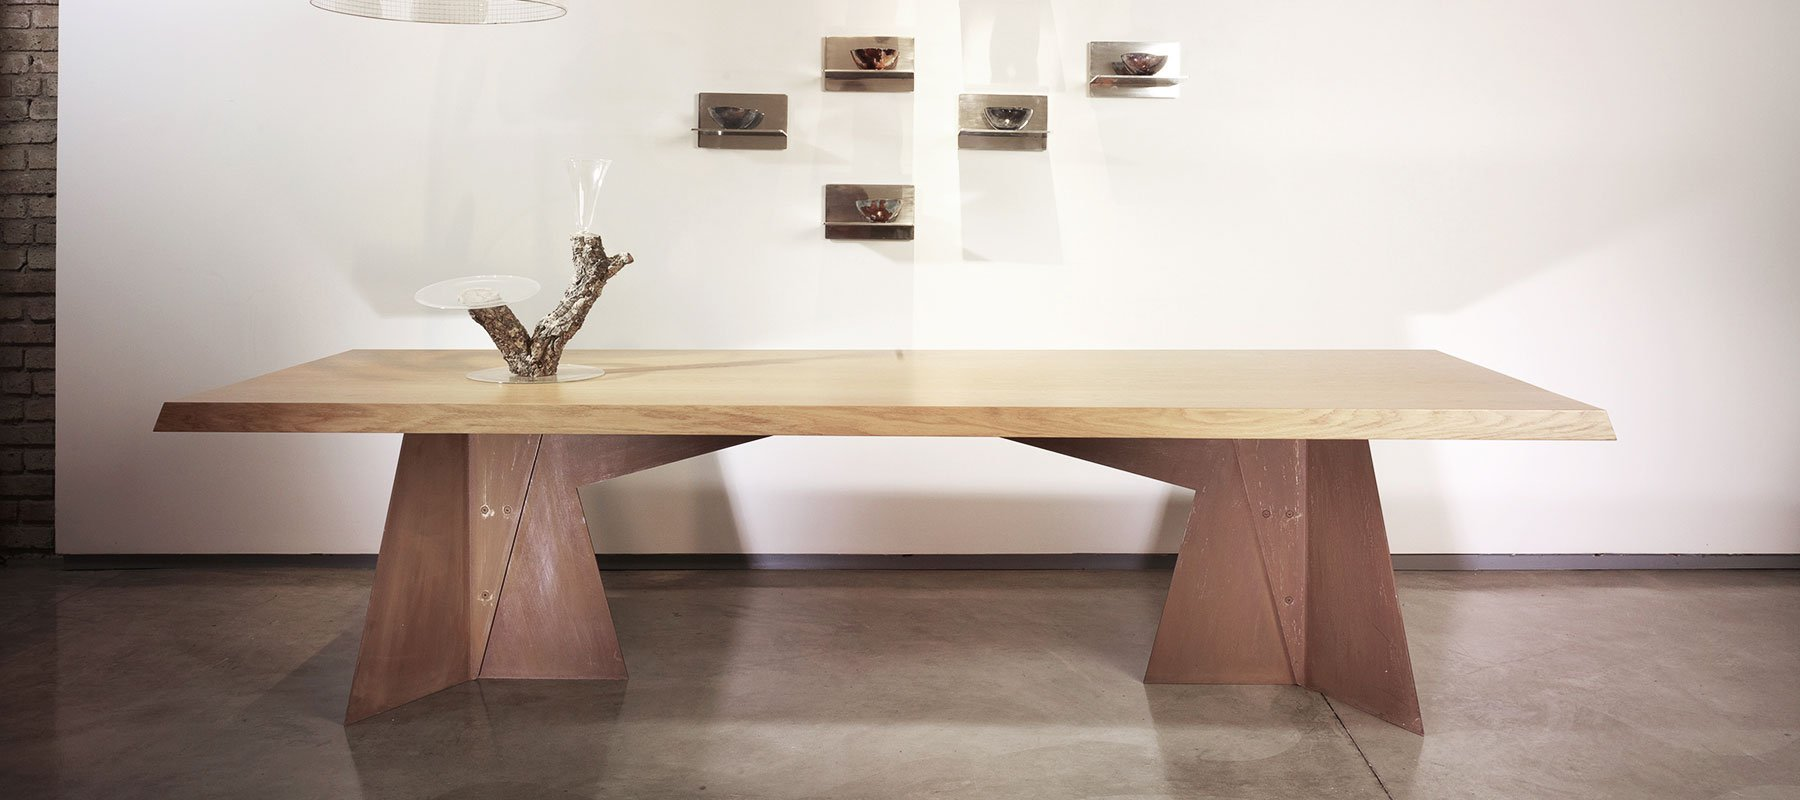 Claudio Salocchi Table and Andrea Branzi lamp at Casati Gallery